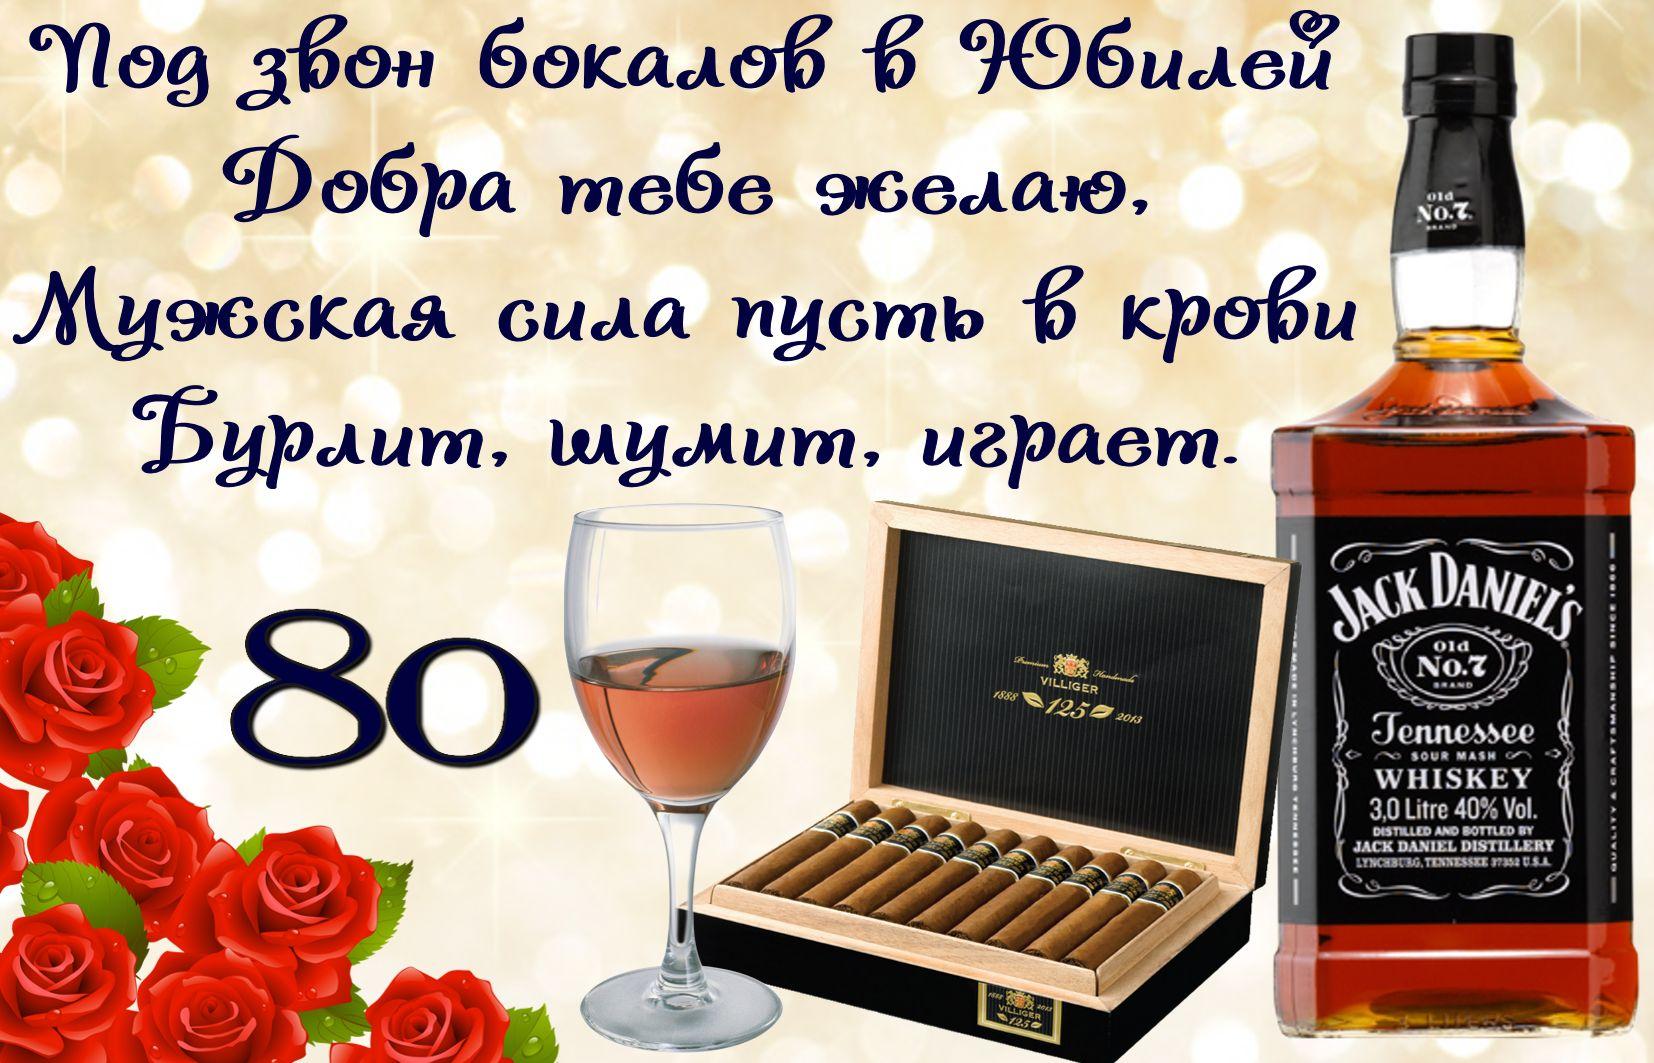 Поздравления с днем рождения александру 40